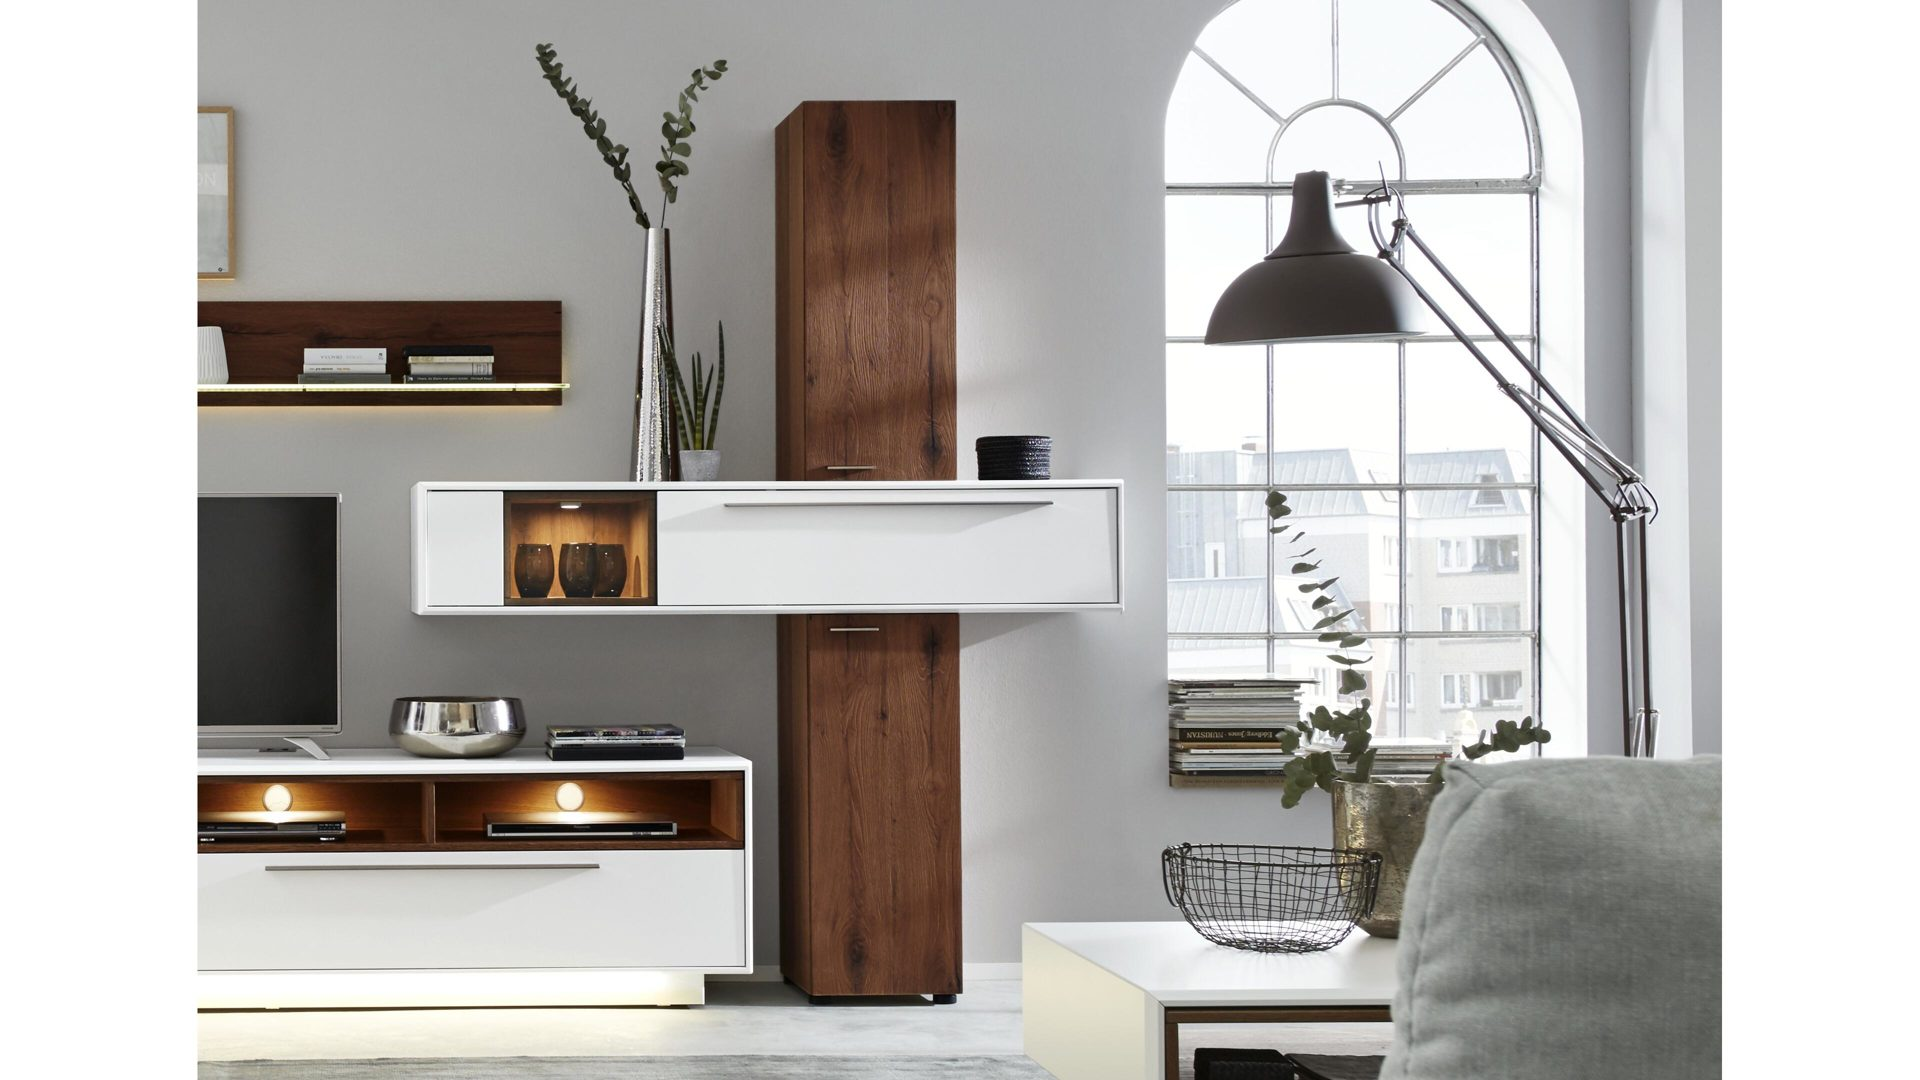 wohnkauf zeller weilburg mobel a z schranke wohnwande interliving interliving wohnzimmer serie 2102 designsaule dunkles asteiche furnier weisser